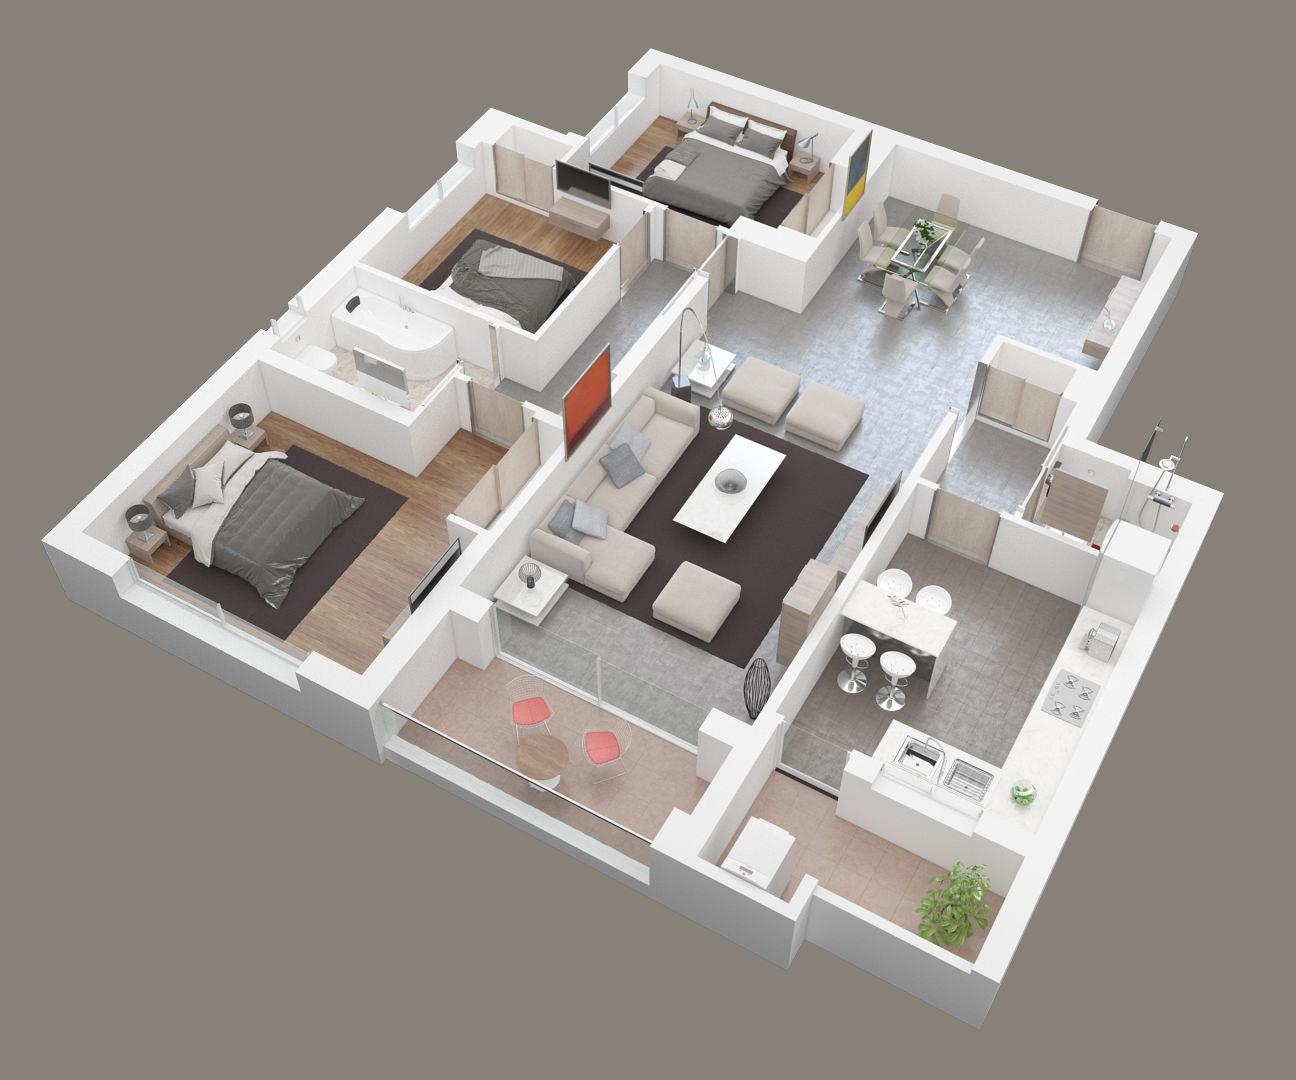 exemple plan 3D architecture réalisé en image 3D